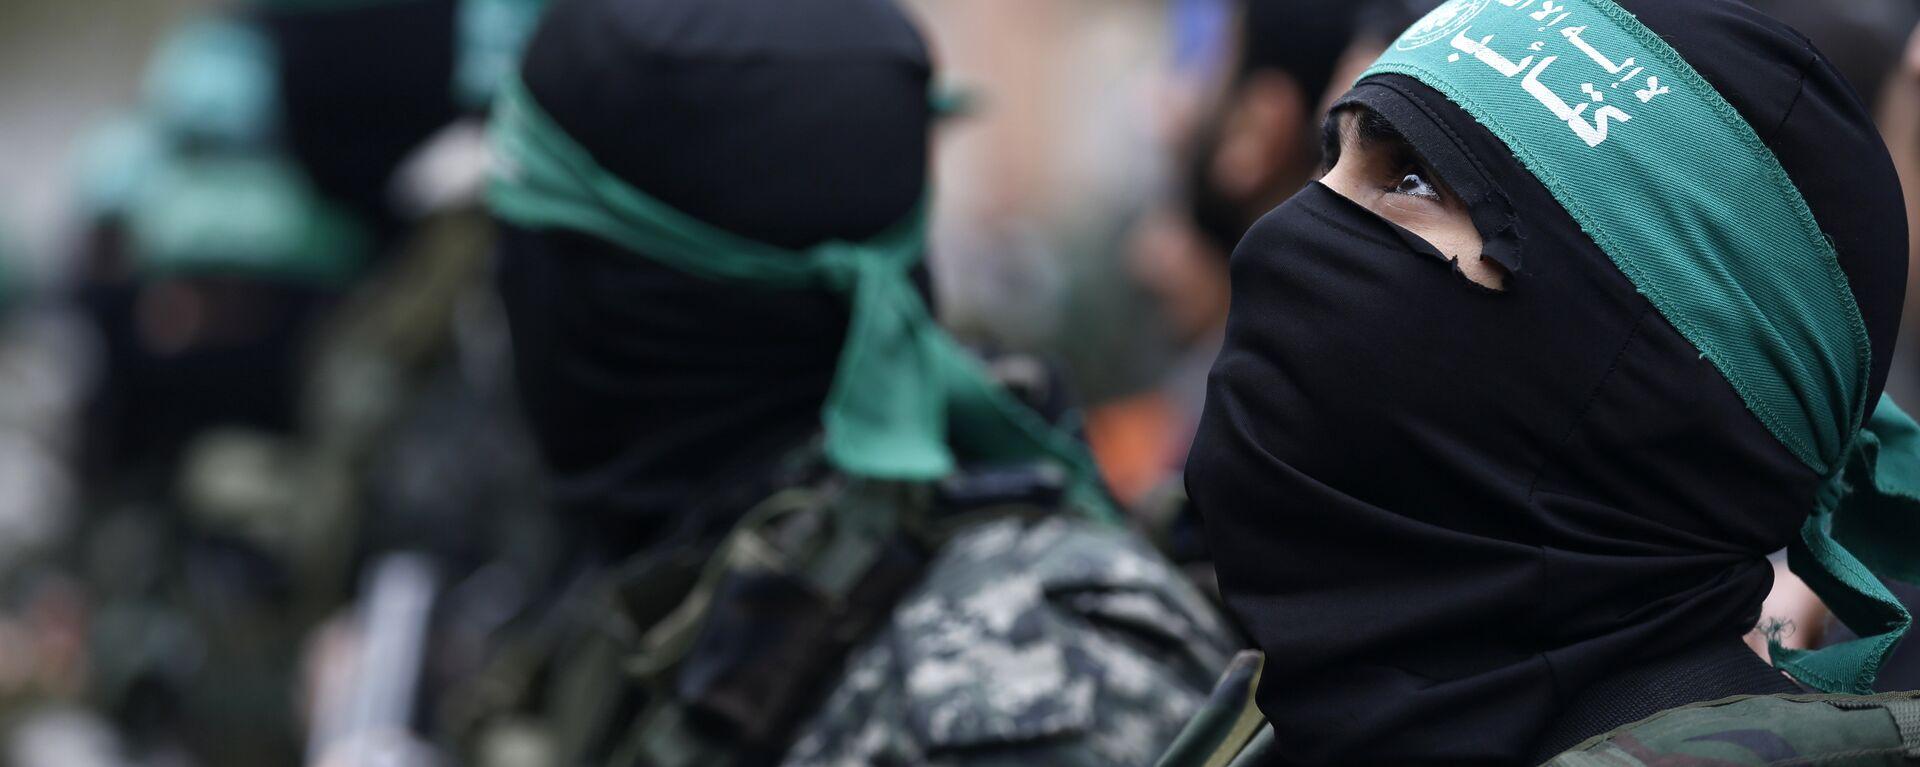 Militantes del movimiento Hamás - Sputnik Mundo, 1920, 05.09.2021